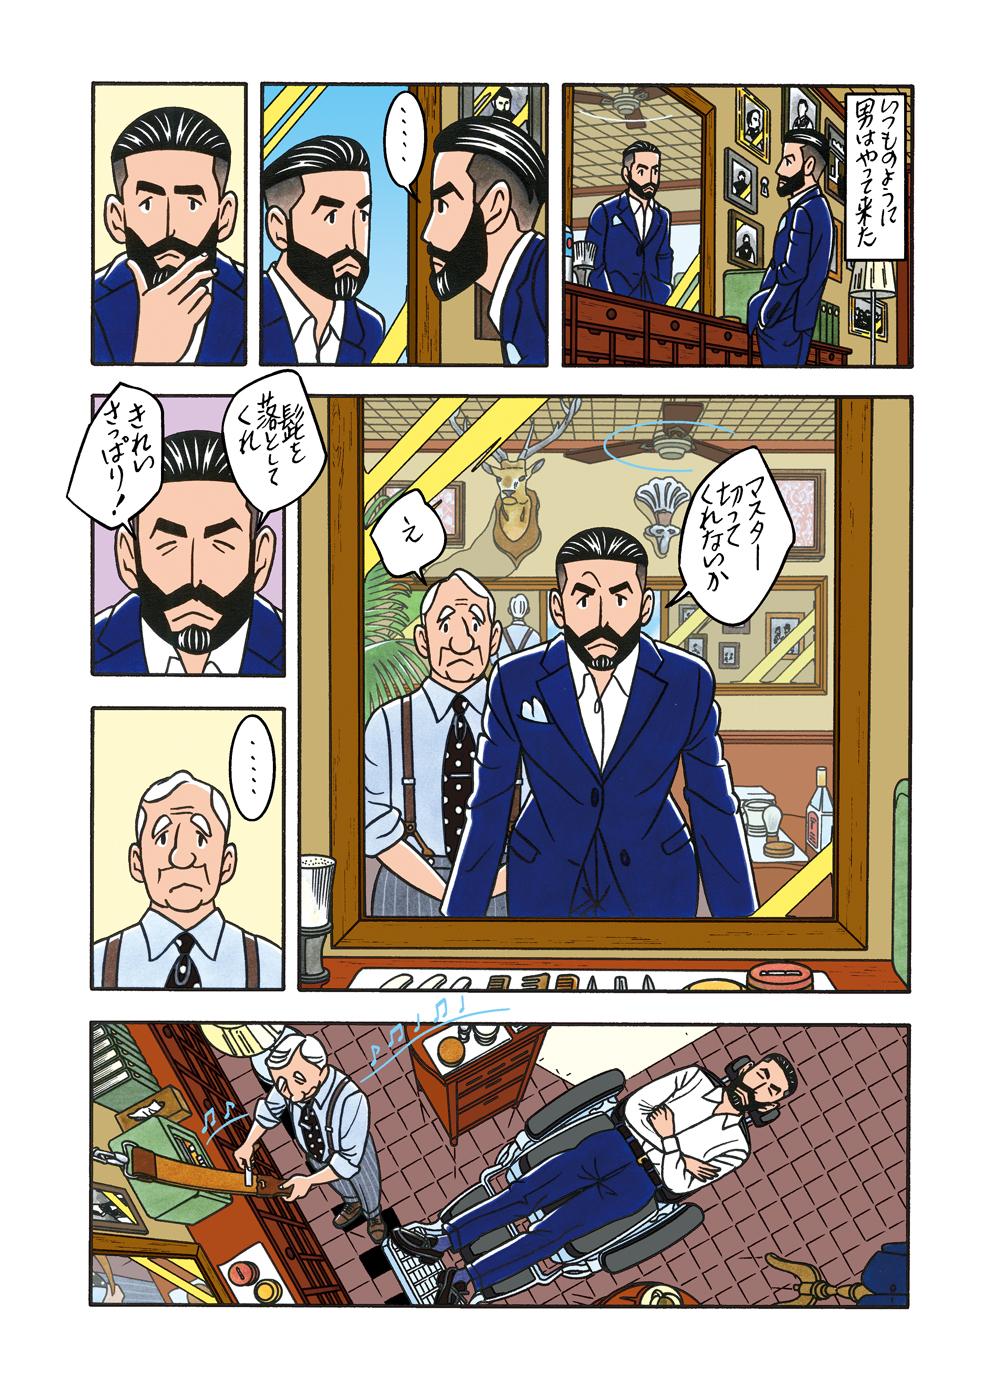 ワンダーカクテル 【第22話 その男の髭】4ページ目画像